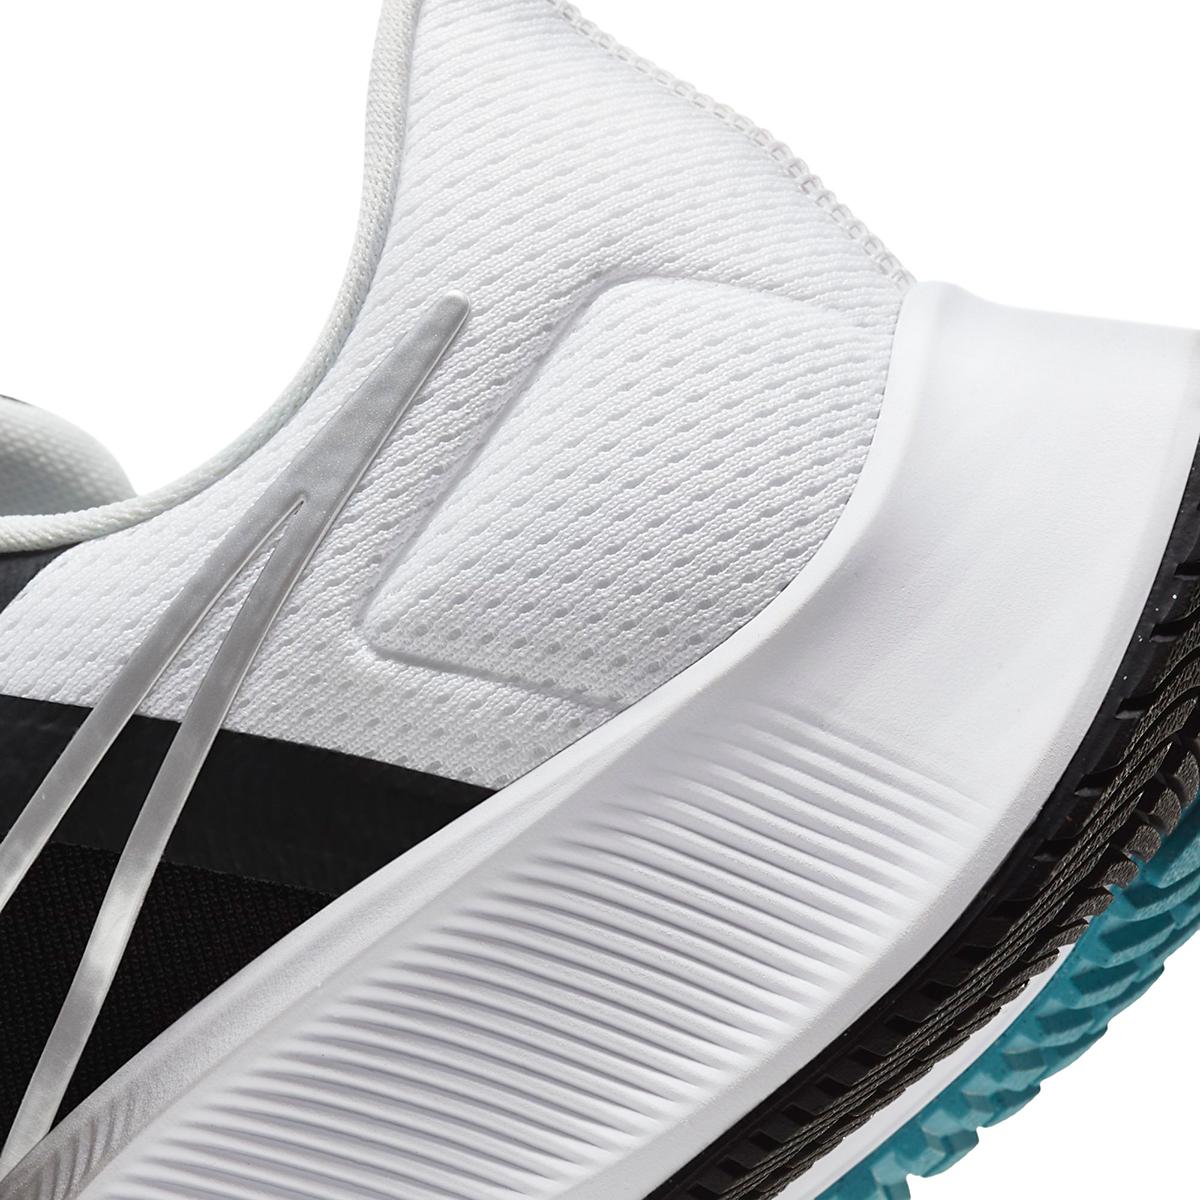 Men's Nike Air Zoom Pegasus 38 Running Shoe - Color: Black/Metallic Silver/White - Size: 6.5 - Width: Regular, Black/Metallic Silver/White, large, image 5